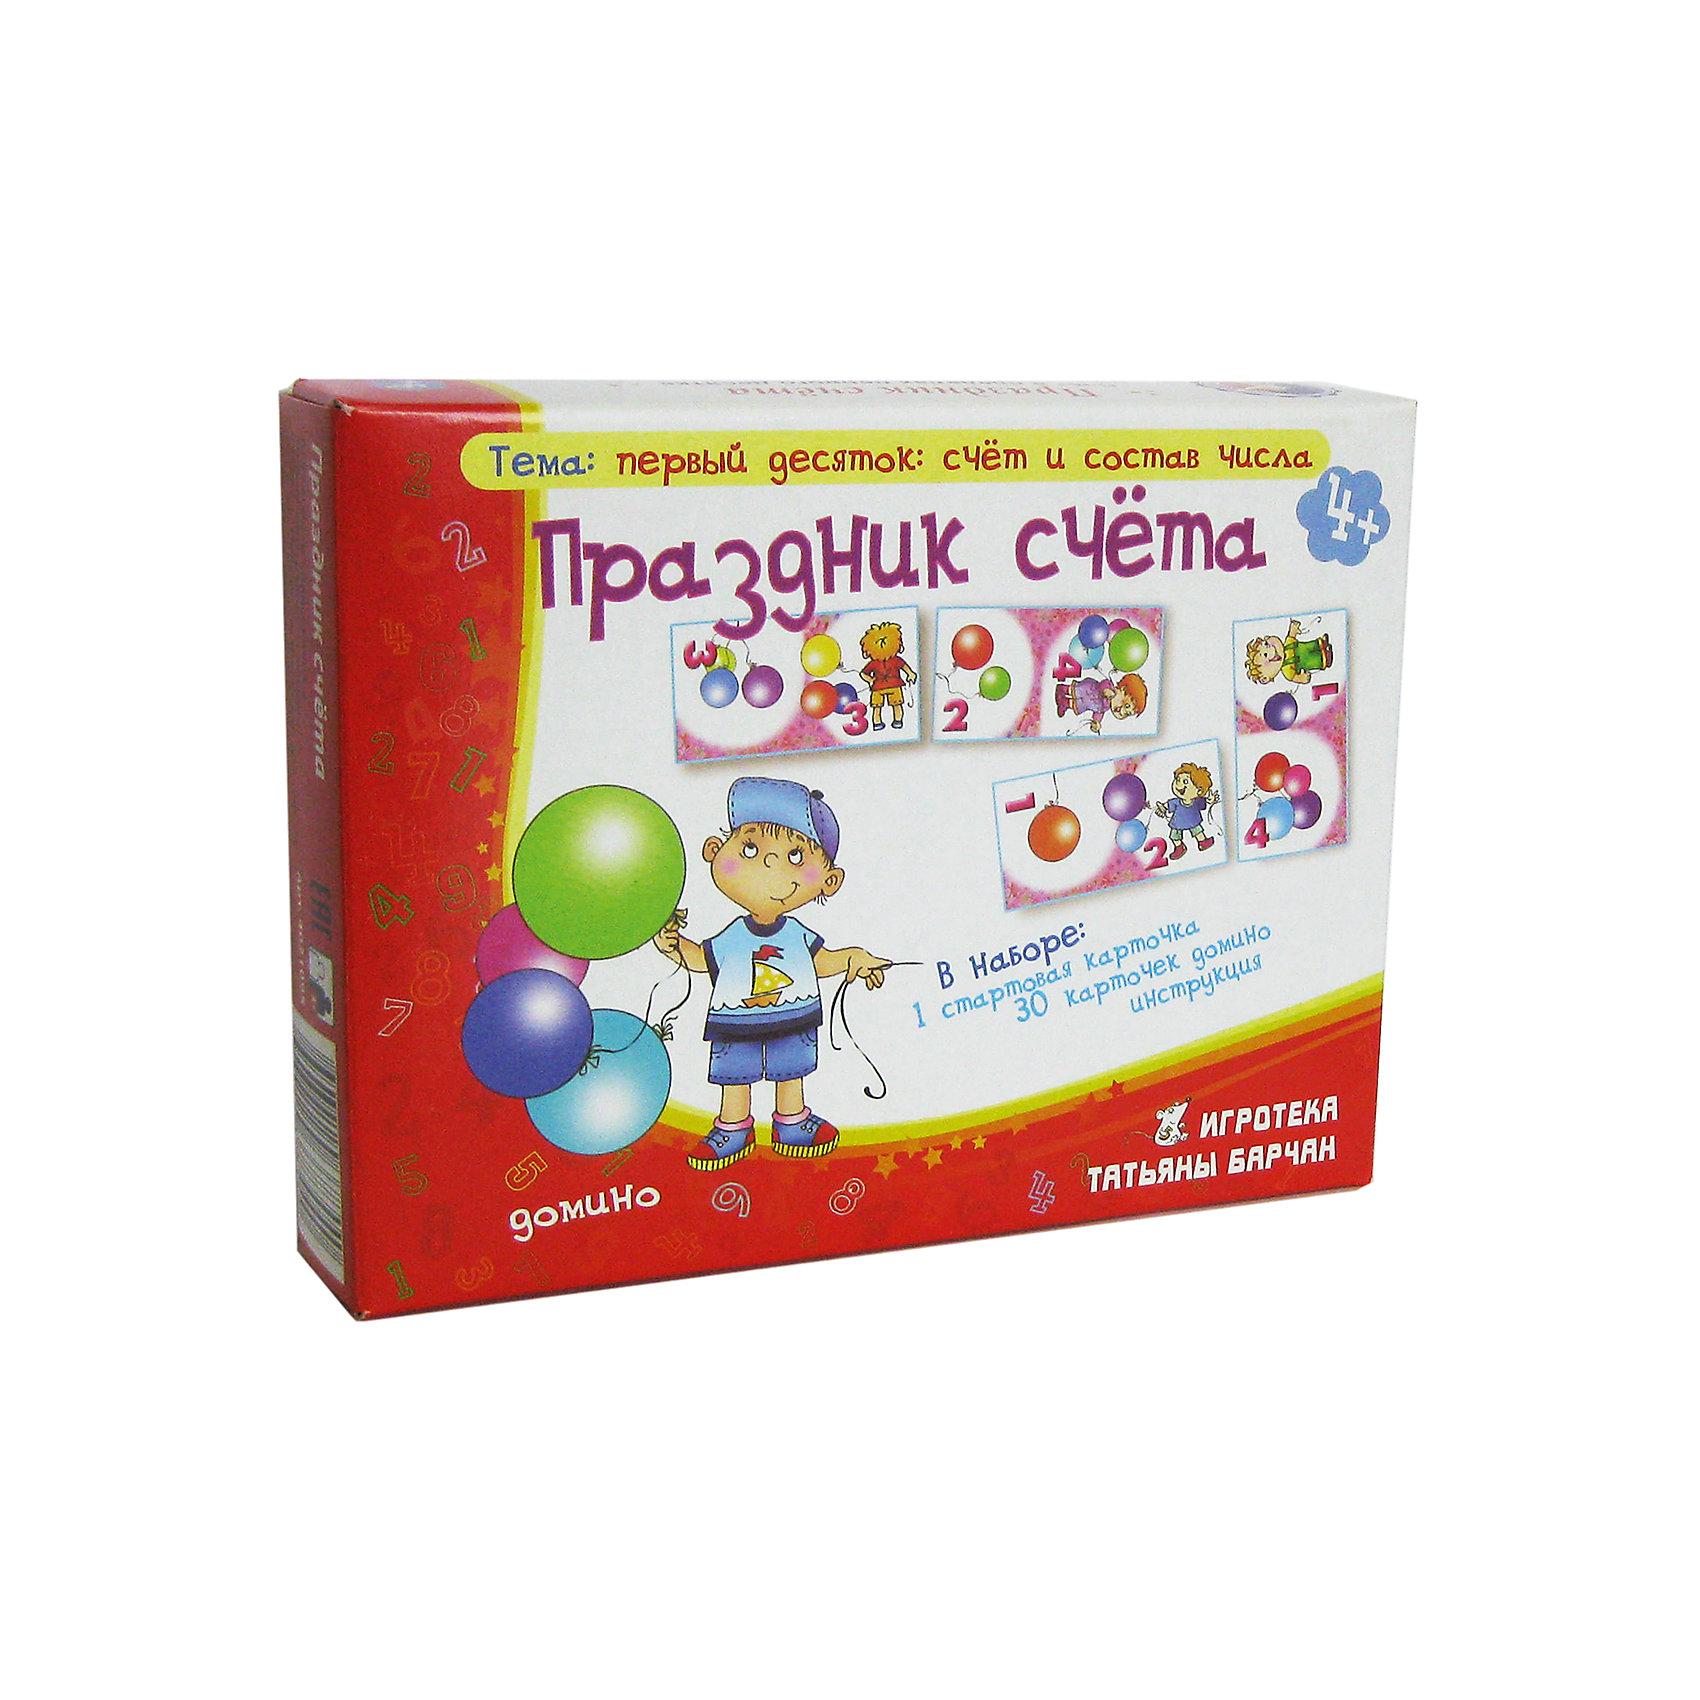 Праздник счёта, Игротека Татьяны БарчанДомино<br>Праздник счёта, Игротека Татьяны Барчан.<br><br>Характеристики:<br><br>• Для детей в возрасте: от 4 до 6 лет<br>• В комплекте: стартовая карточка, 30 карточек домино, инструкция<br>• Тема: Счет в пределах 10, состав числа<br>• Материал: плотный качественный картон<br>• Производитель: ЦОТР Ребус (Россия)<br>• Упаковка: картонная коробка<br>• Размер упаковки: 137х180х40 мм.<br>• Вес: 150 гр.<br><br>В жизни каждого человечка есть период, когда просто необходимо все вокруг пересчитать - ступеньки, конфеты, машины. На празднике счета ребенку предлагается посчитать шары. Игра построена по принципу домино, в котором можно менять уровень сложности. Счётный материал – воздушные шарики, их держат в руках персонажи, изображённые на карточках. В процессе игры ребенок научится считать в пределах 10, соотносить количество и цифру, складывать в пределах первого десятка, и увидит на практике - как составляется какое-либо число.<br><br>Игру Праздник счёта, Игротека Татьяны Барчан можно купить в нашем интернет-магазине.<br><br>Ширина мм: 180<br>Глубина мм: 135<br>Высота мм: 40<br>Вес г: 152<br>Возраст от месяцев: 48<br>Возраст до месяцев: 72<br>Пол: Унисекс<br>Возраст: Детский<br>SKU: 6751348